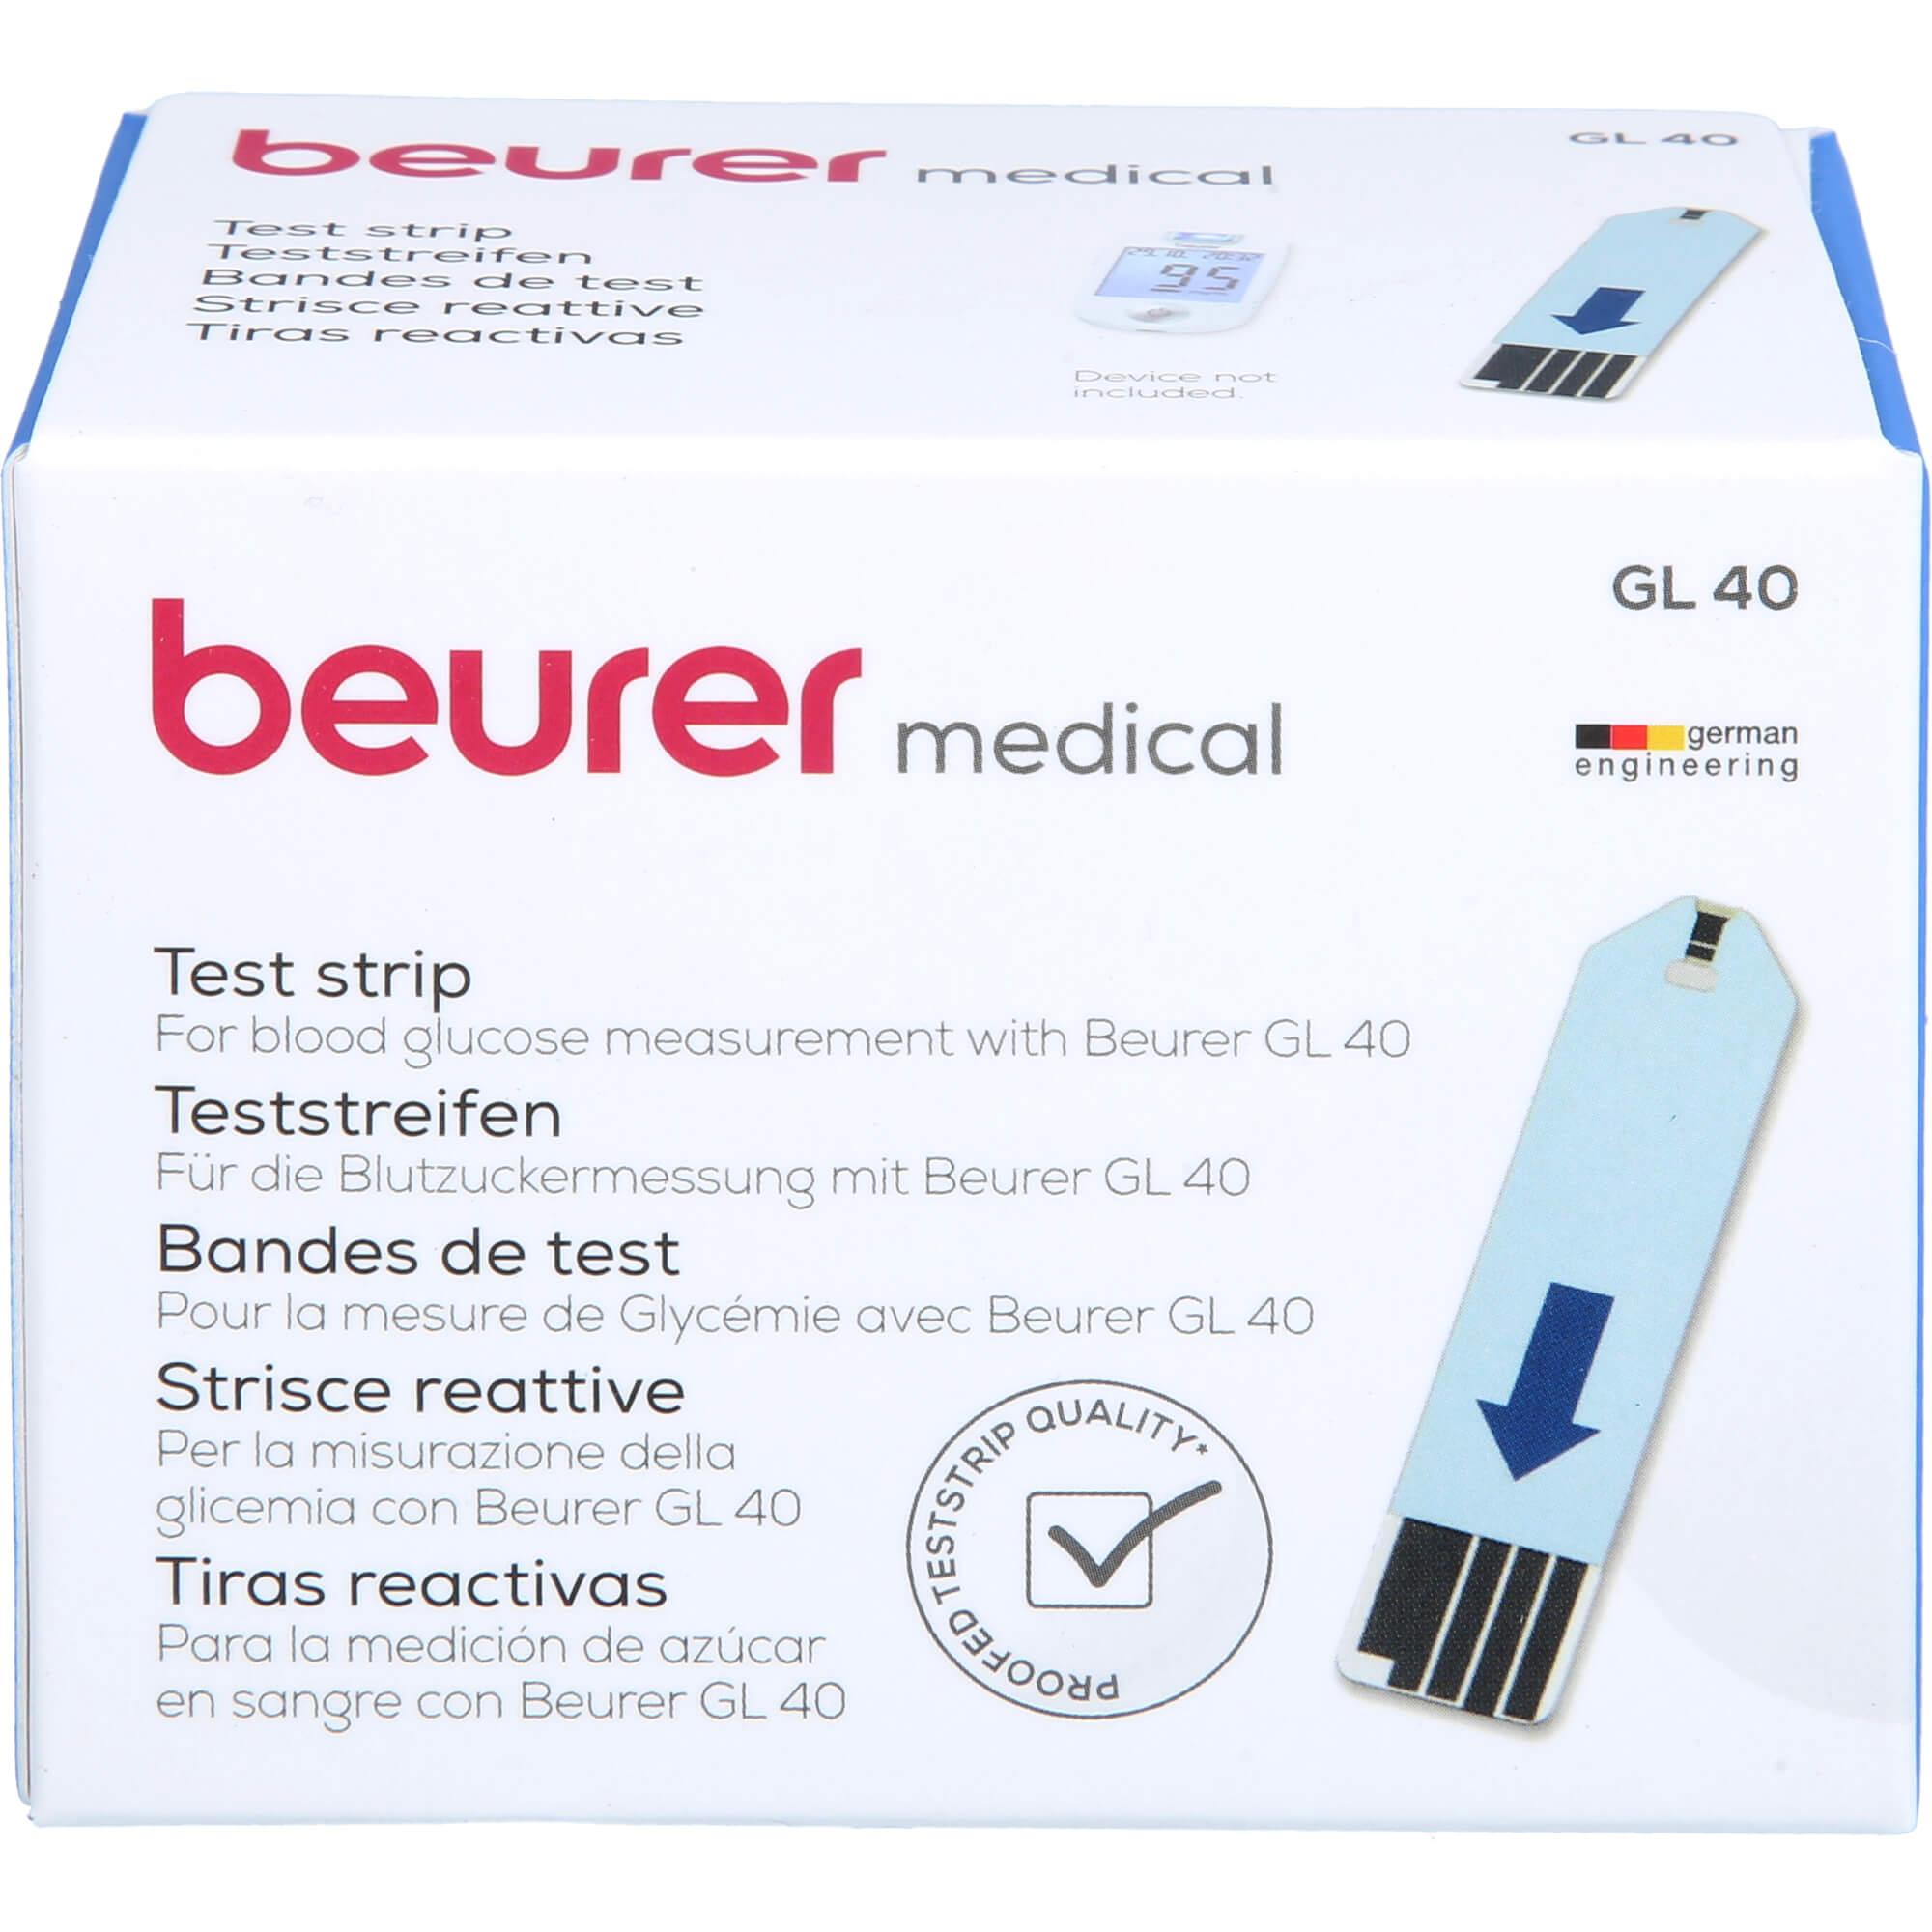 BEURER-GL40-Blutzuckerteststreifen